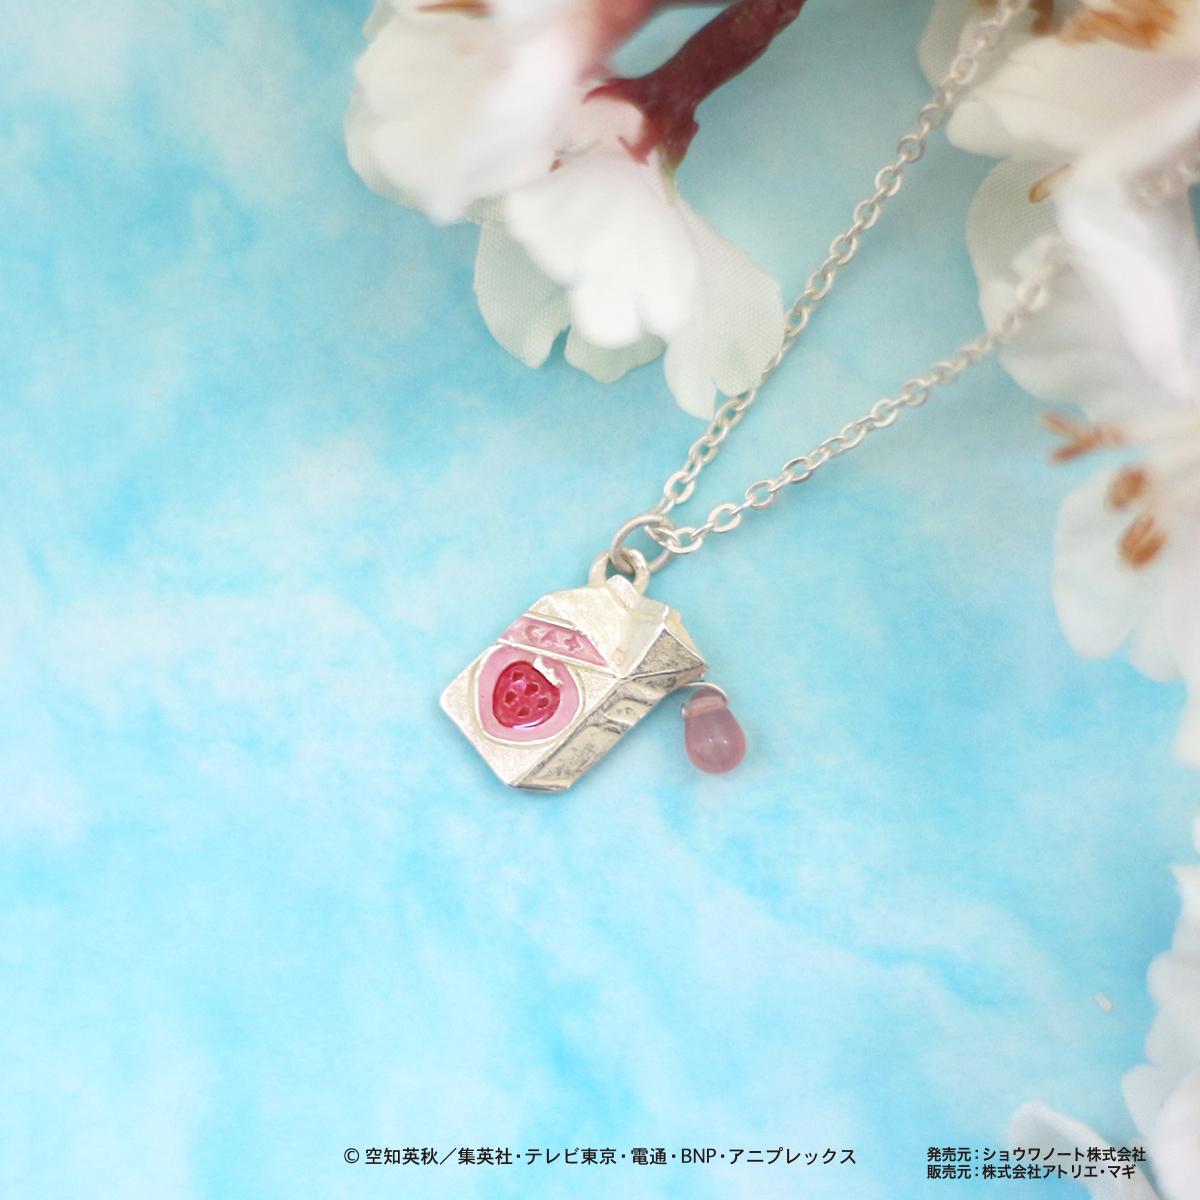 銀さんのいちご牛乳ネックレス【銀魂】